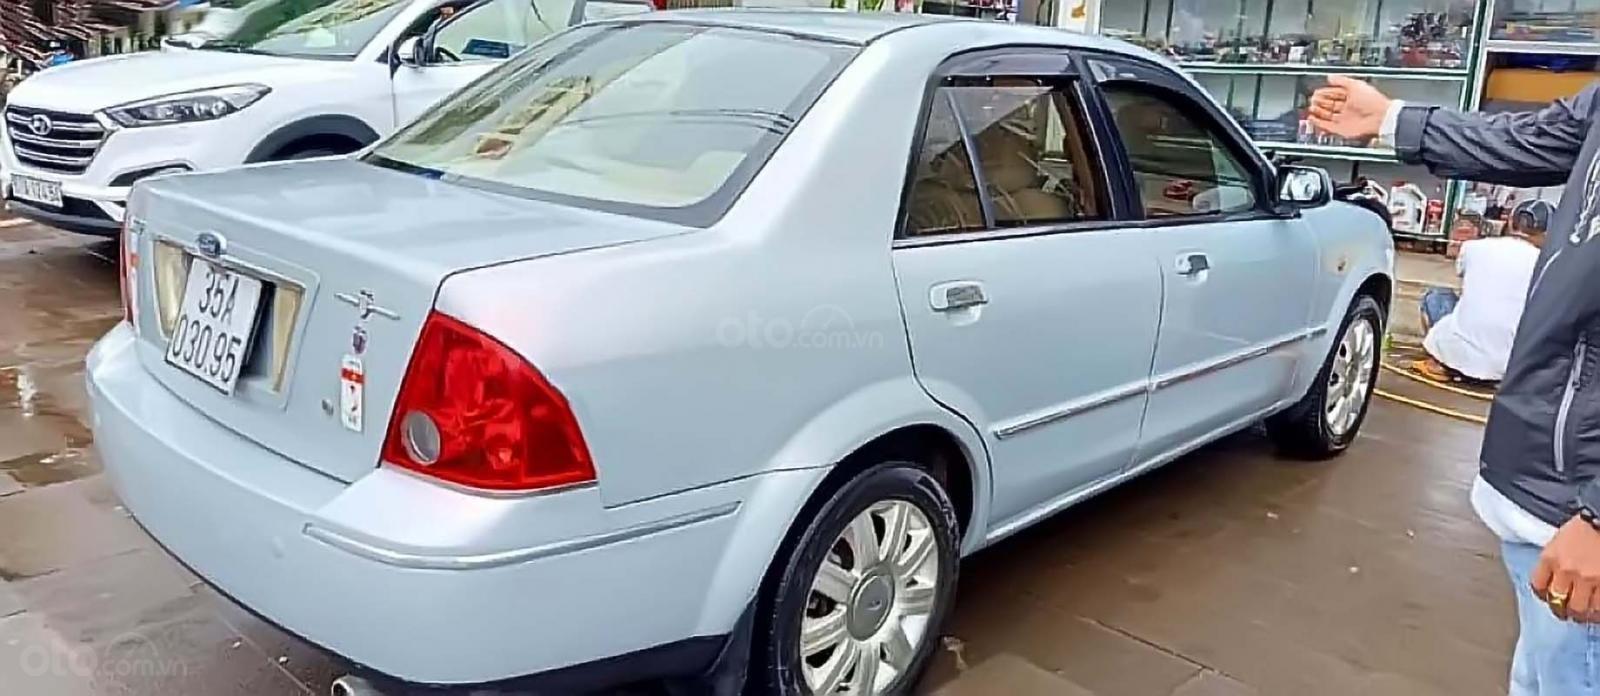 Bán xe Ford Laser GHIA 1.8 MT sản xuất 2003, màu bạc, số sàn (2)